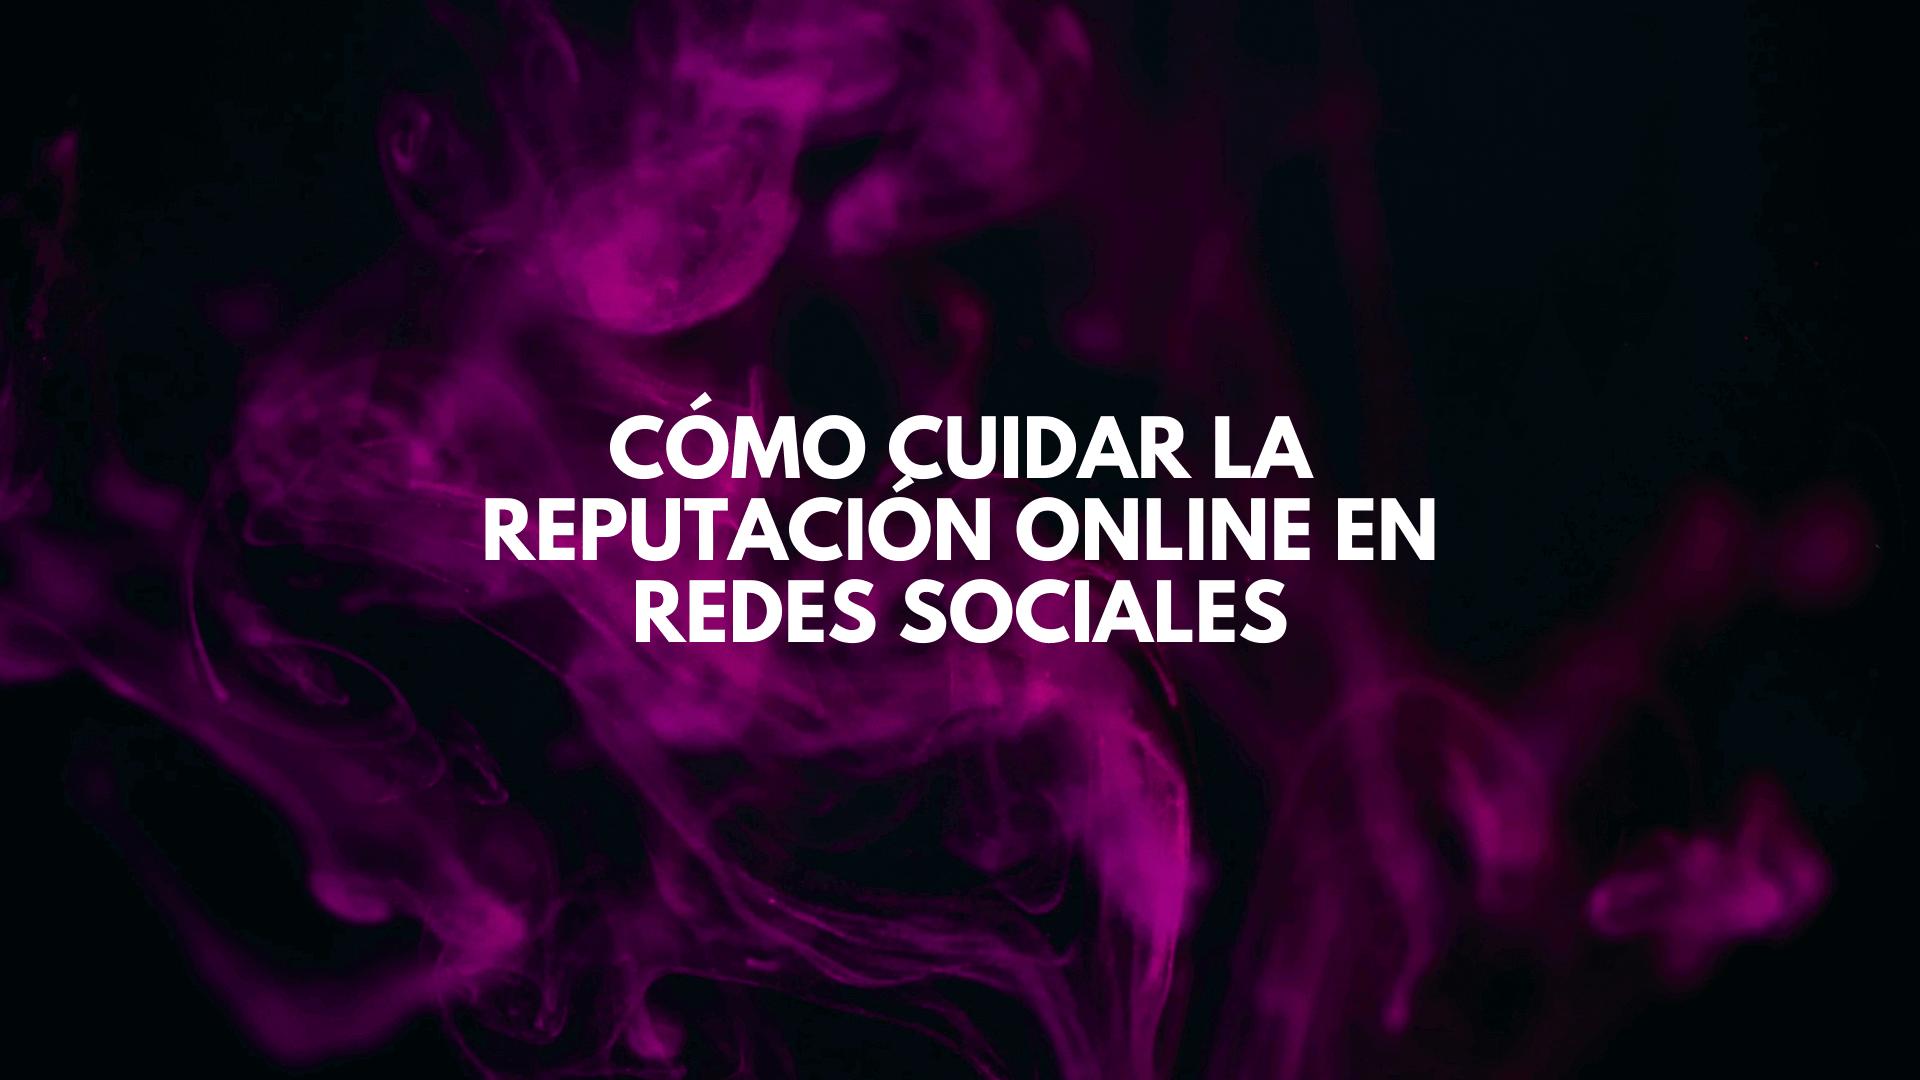 Cómo cuidar la Reputación Online en Redes Sociales